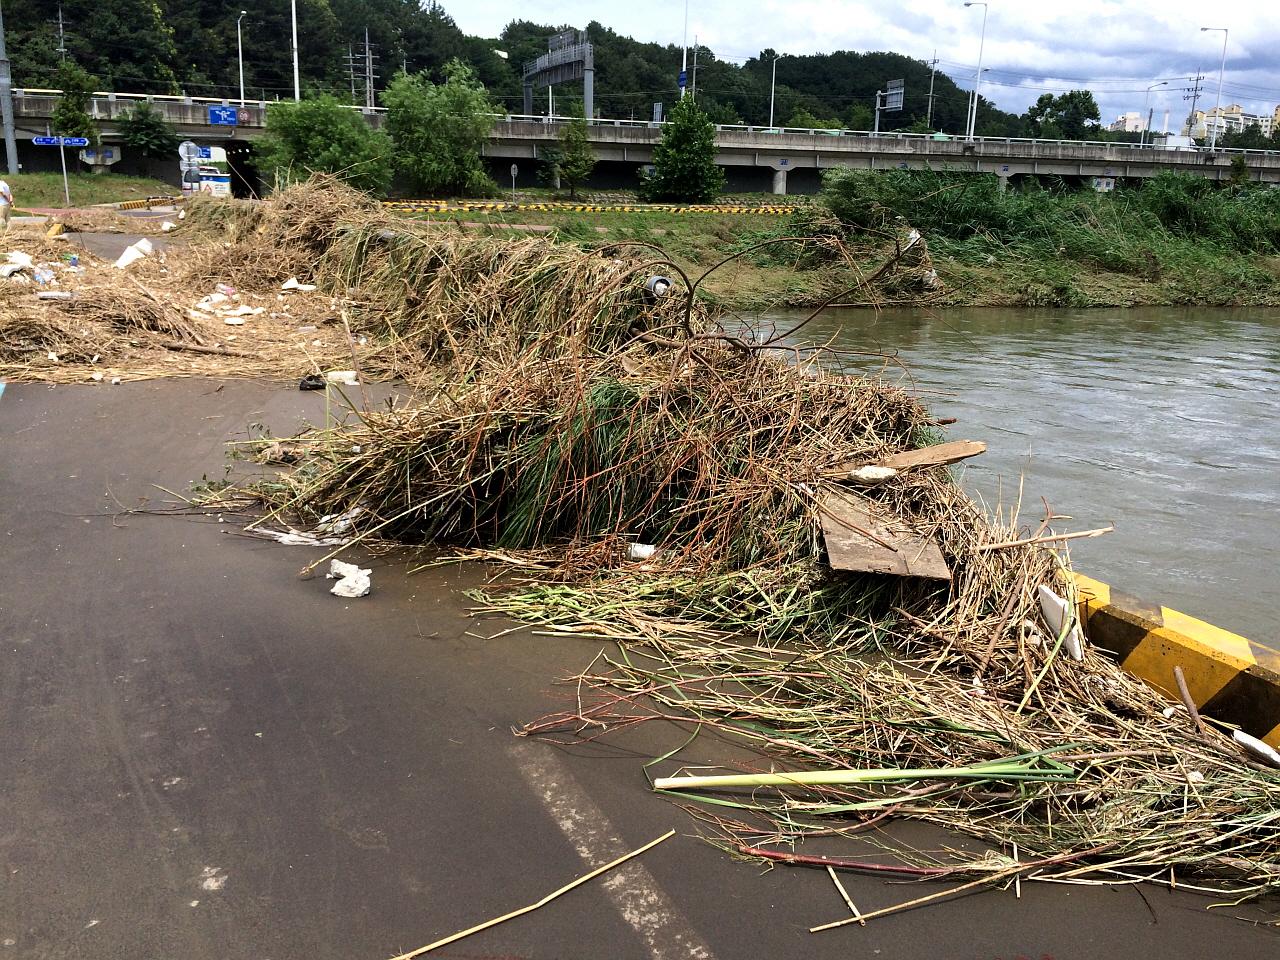 지난해 7월 하천에 설치한 다리 펜스에 걸린 쓰레기들 통수단면을 저해하는 시설물이 모습, 실제로 부서진 난간을 현재 복구하고 있다.